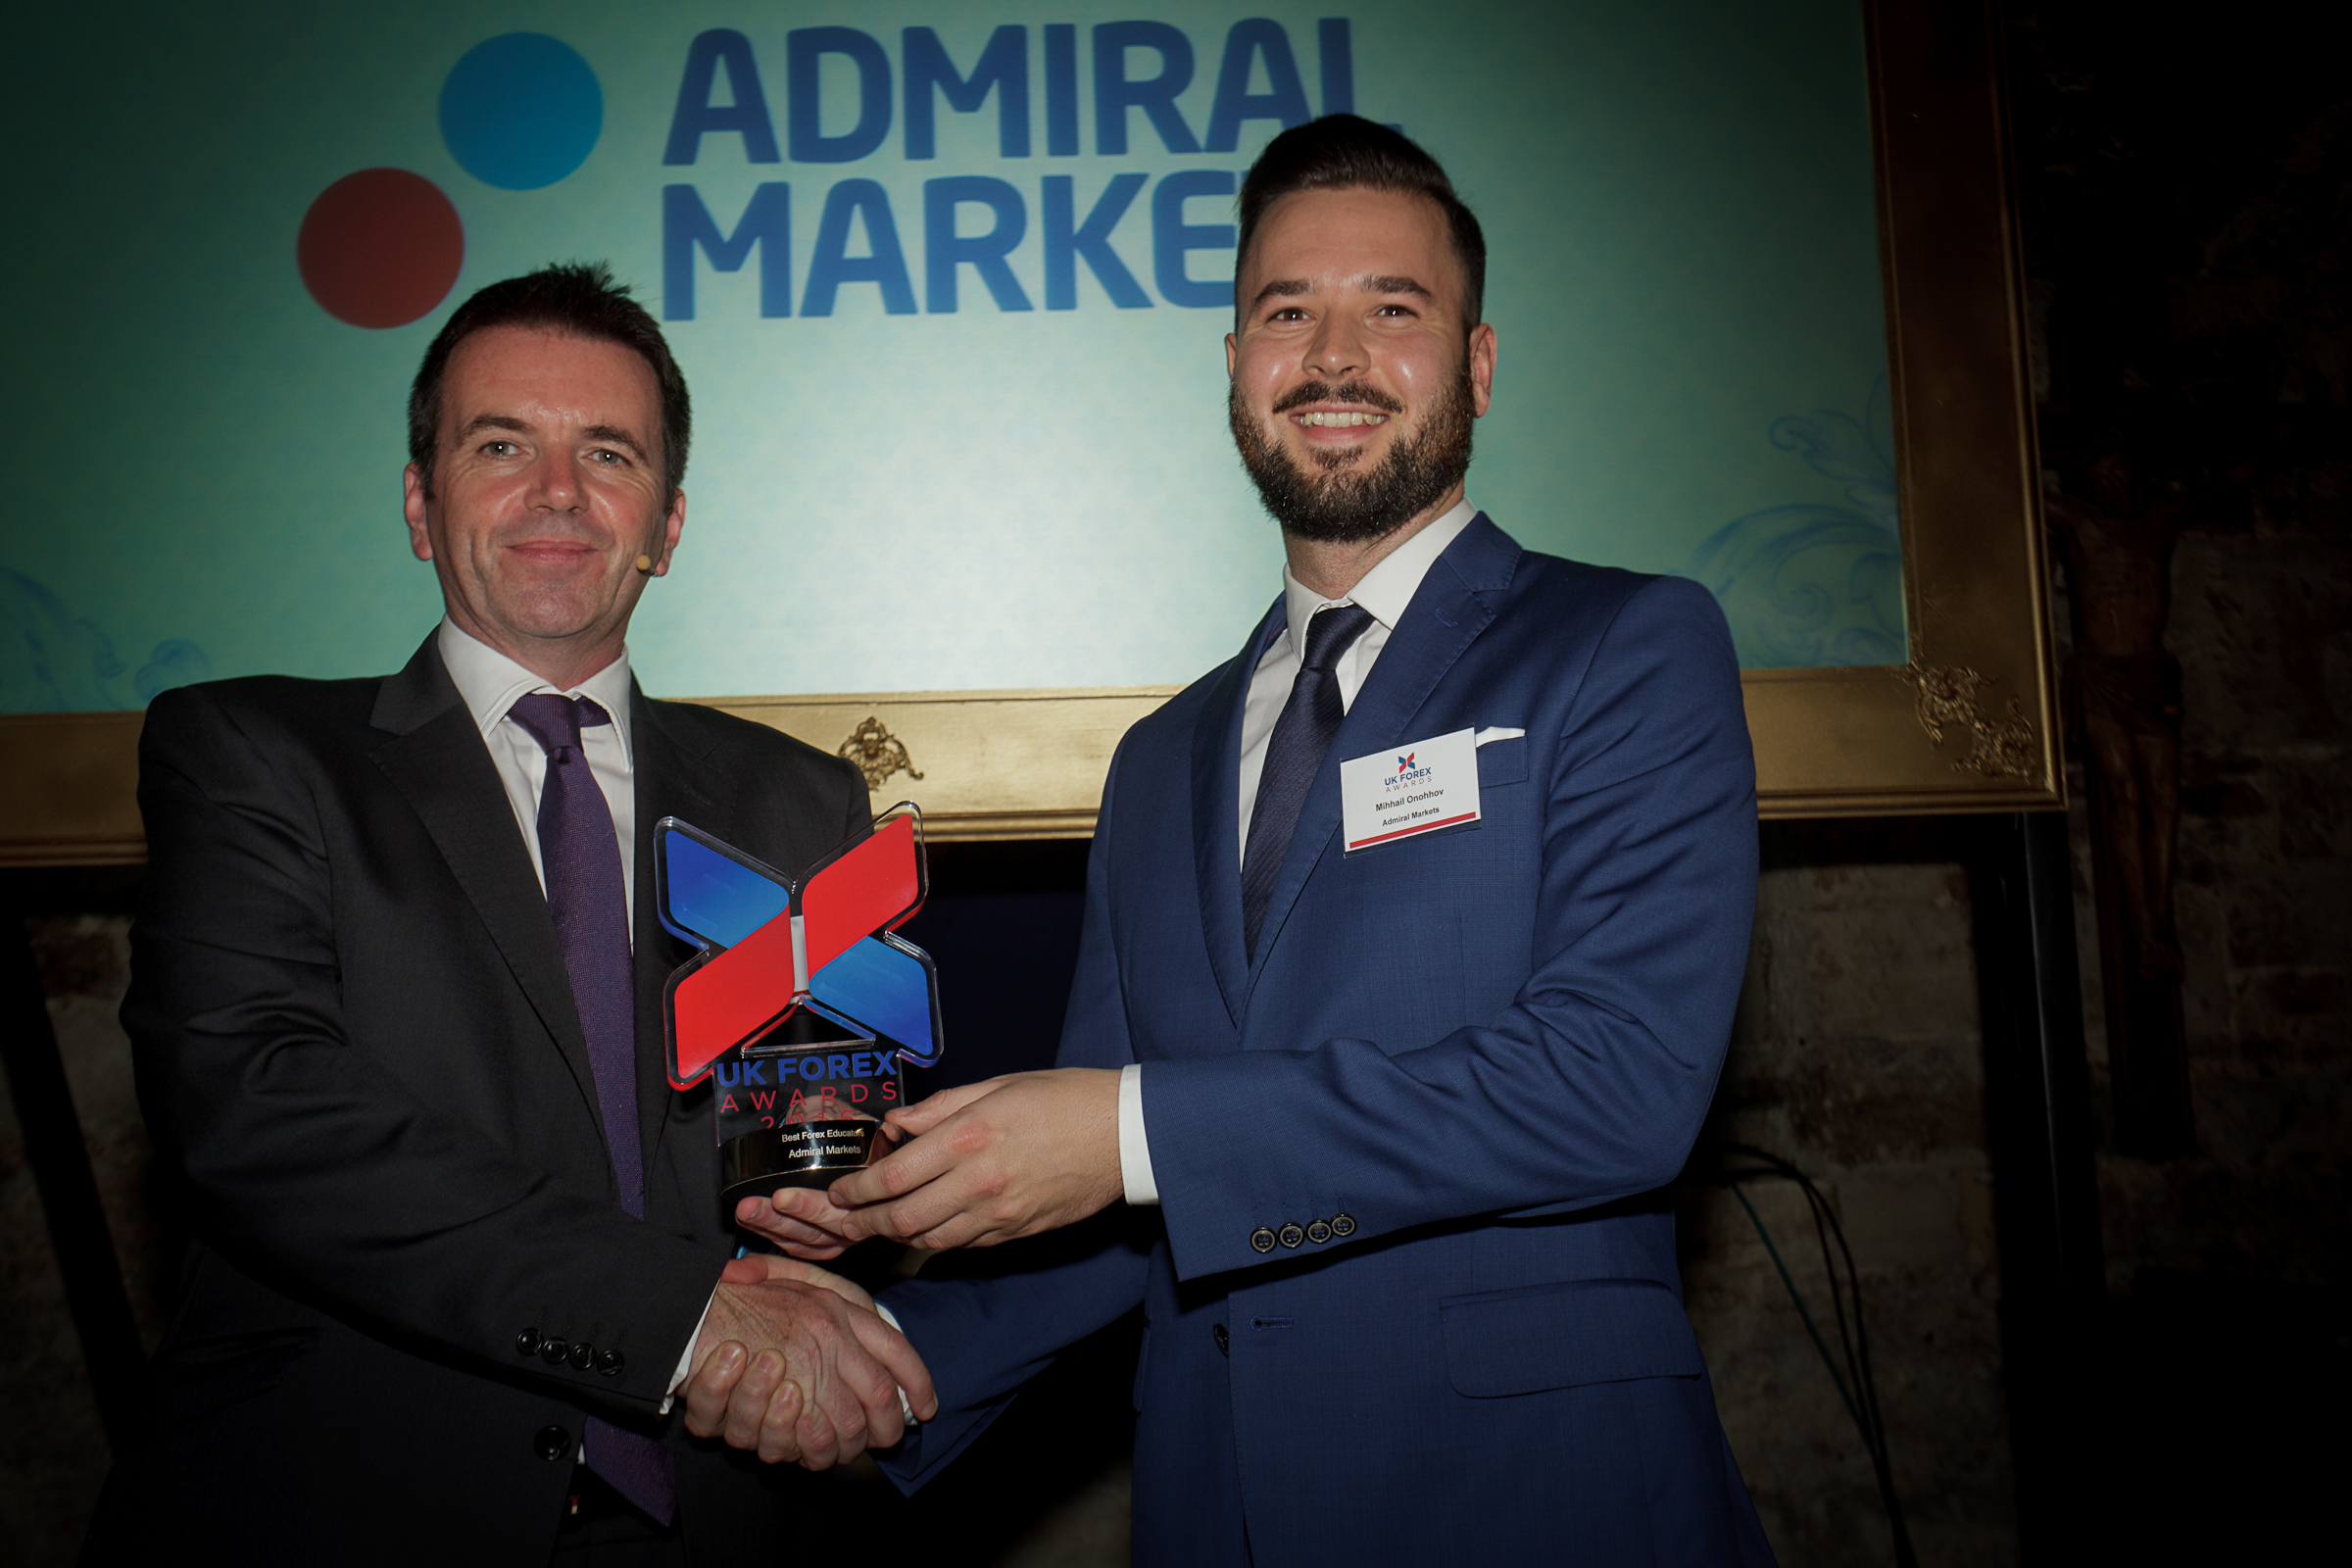 Admiral Markets признаны лучшим брокером в сфере образования 2016 года